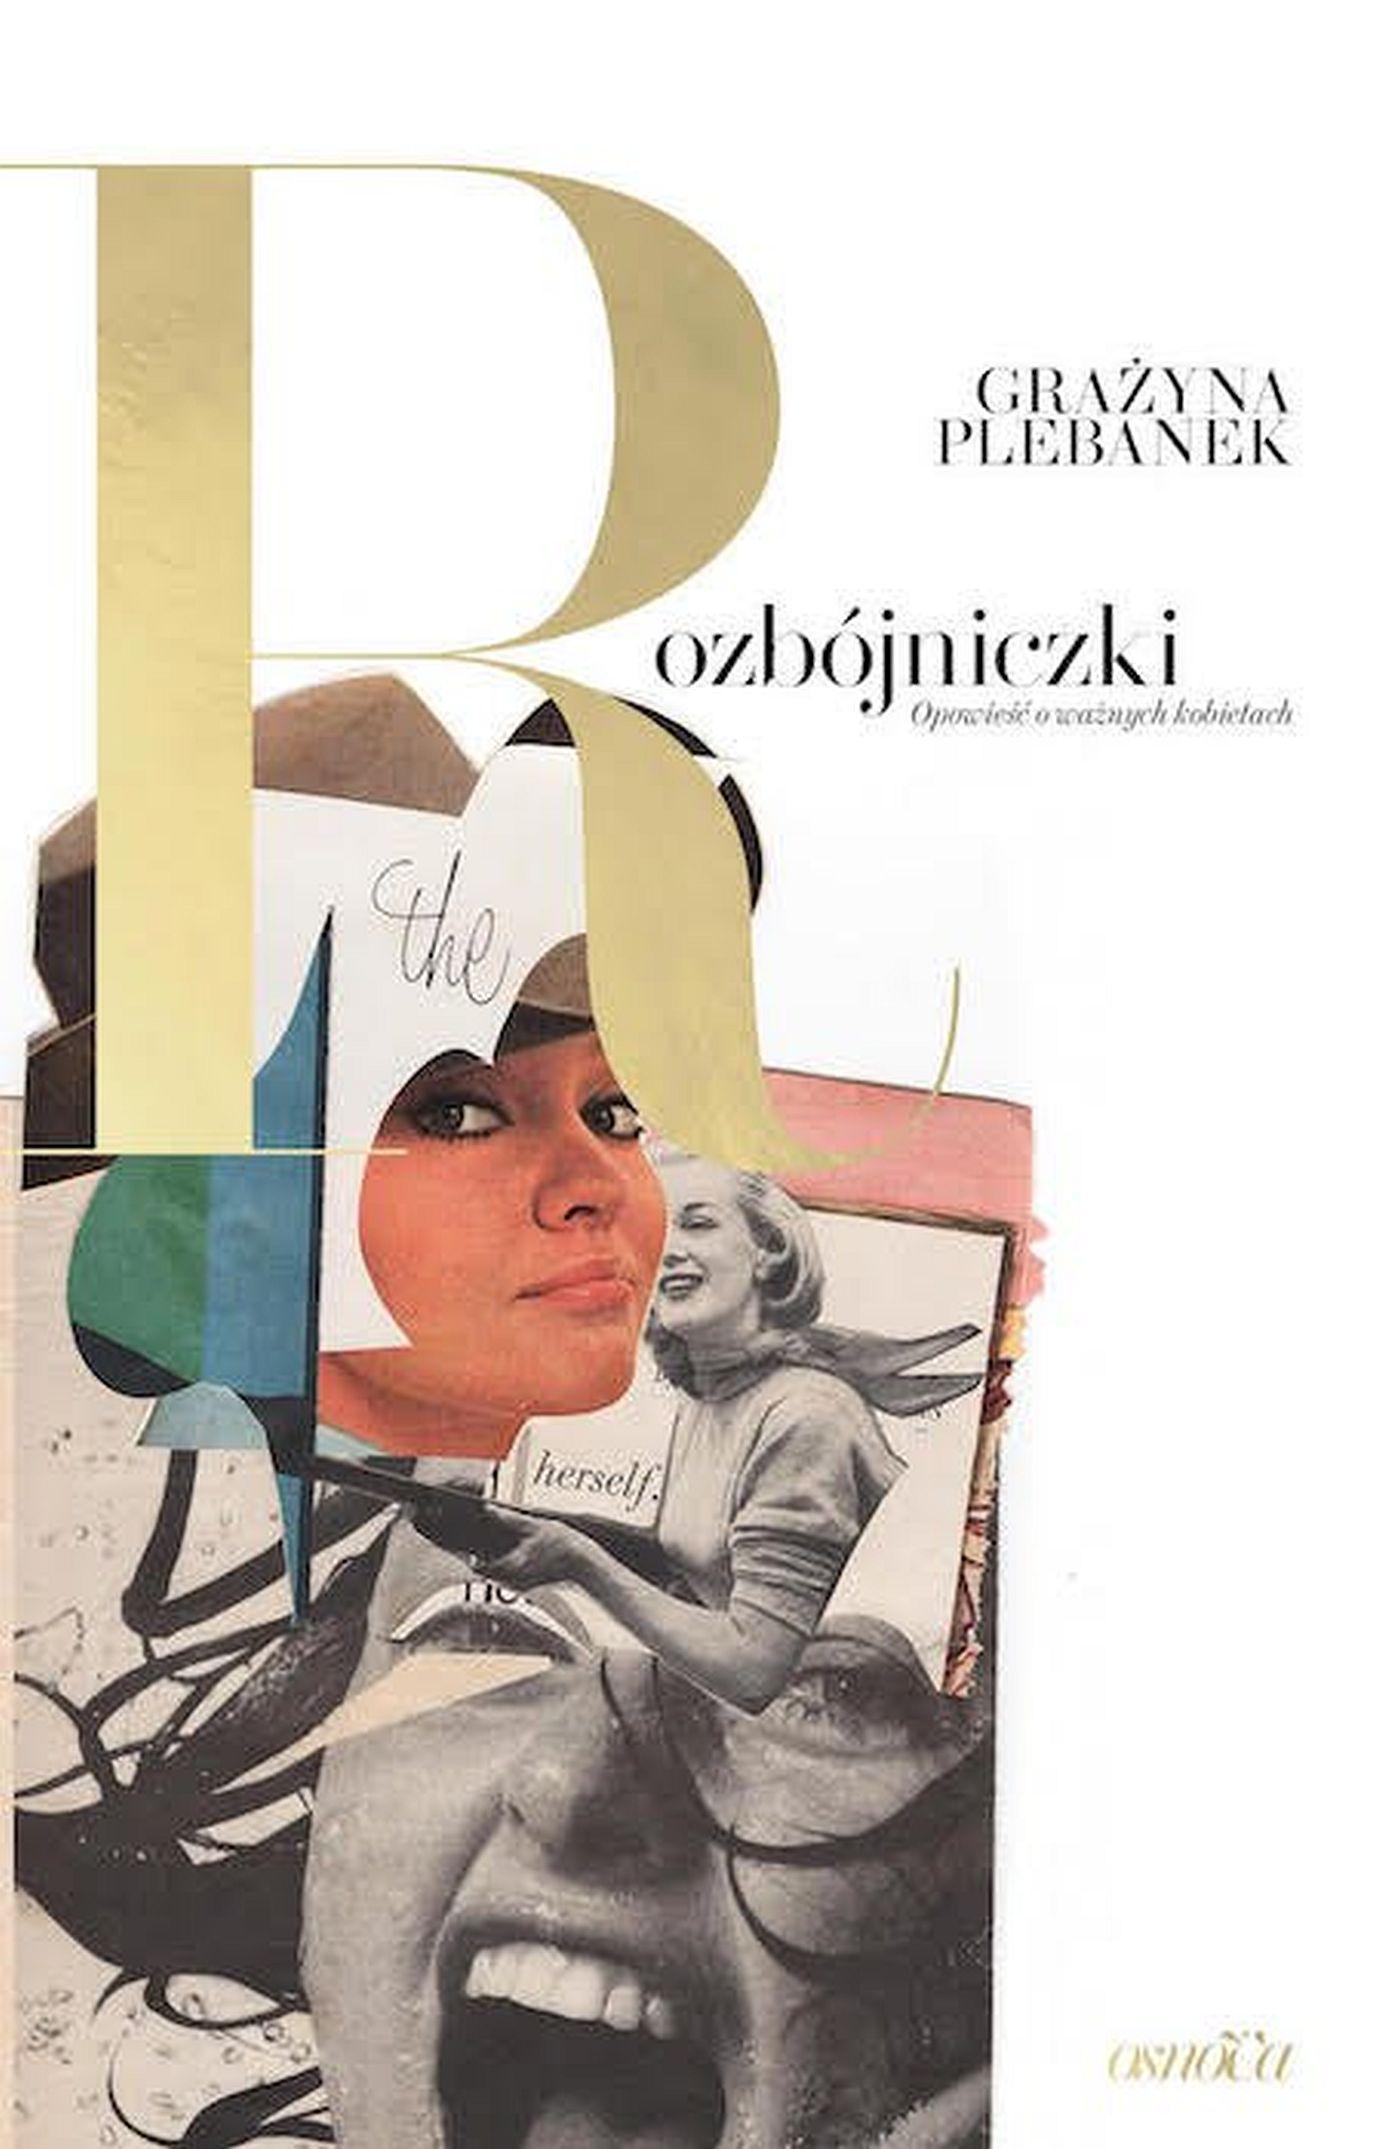 Rozbójniczki. Opowieść o ważnych kobietach - Ebook (Książka EPUB) do pobrania w formacie EPUB